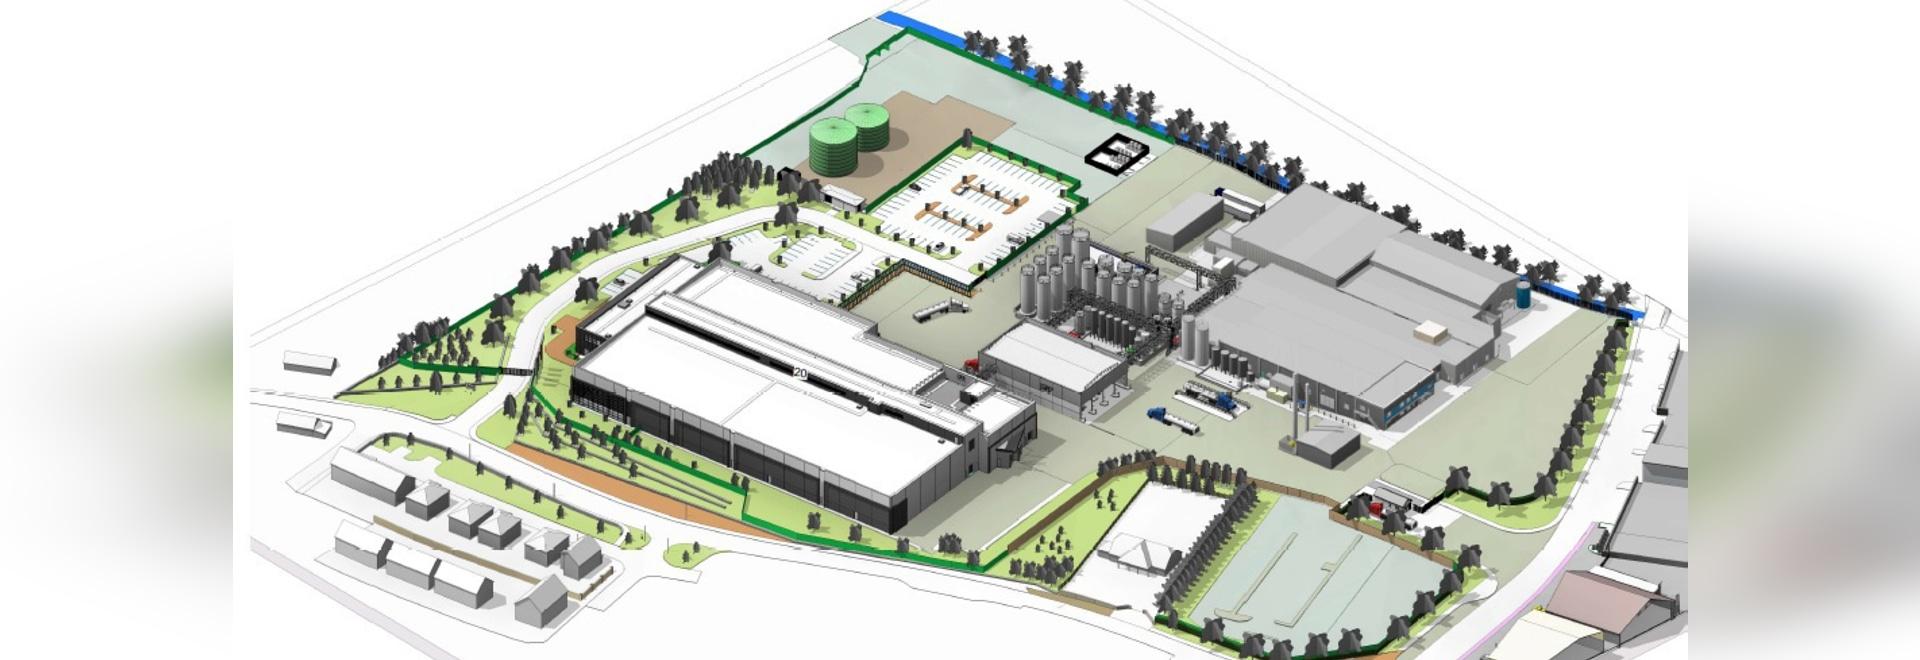 Das Jarlsberg-Käseproduktions-Anlage der ZINKE, Grafschafts-Korken, Irland